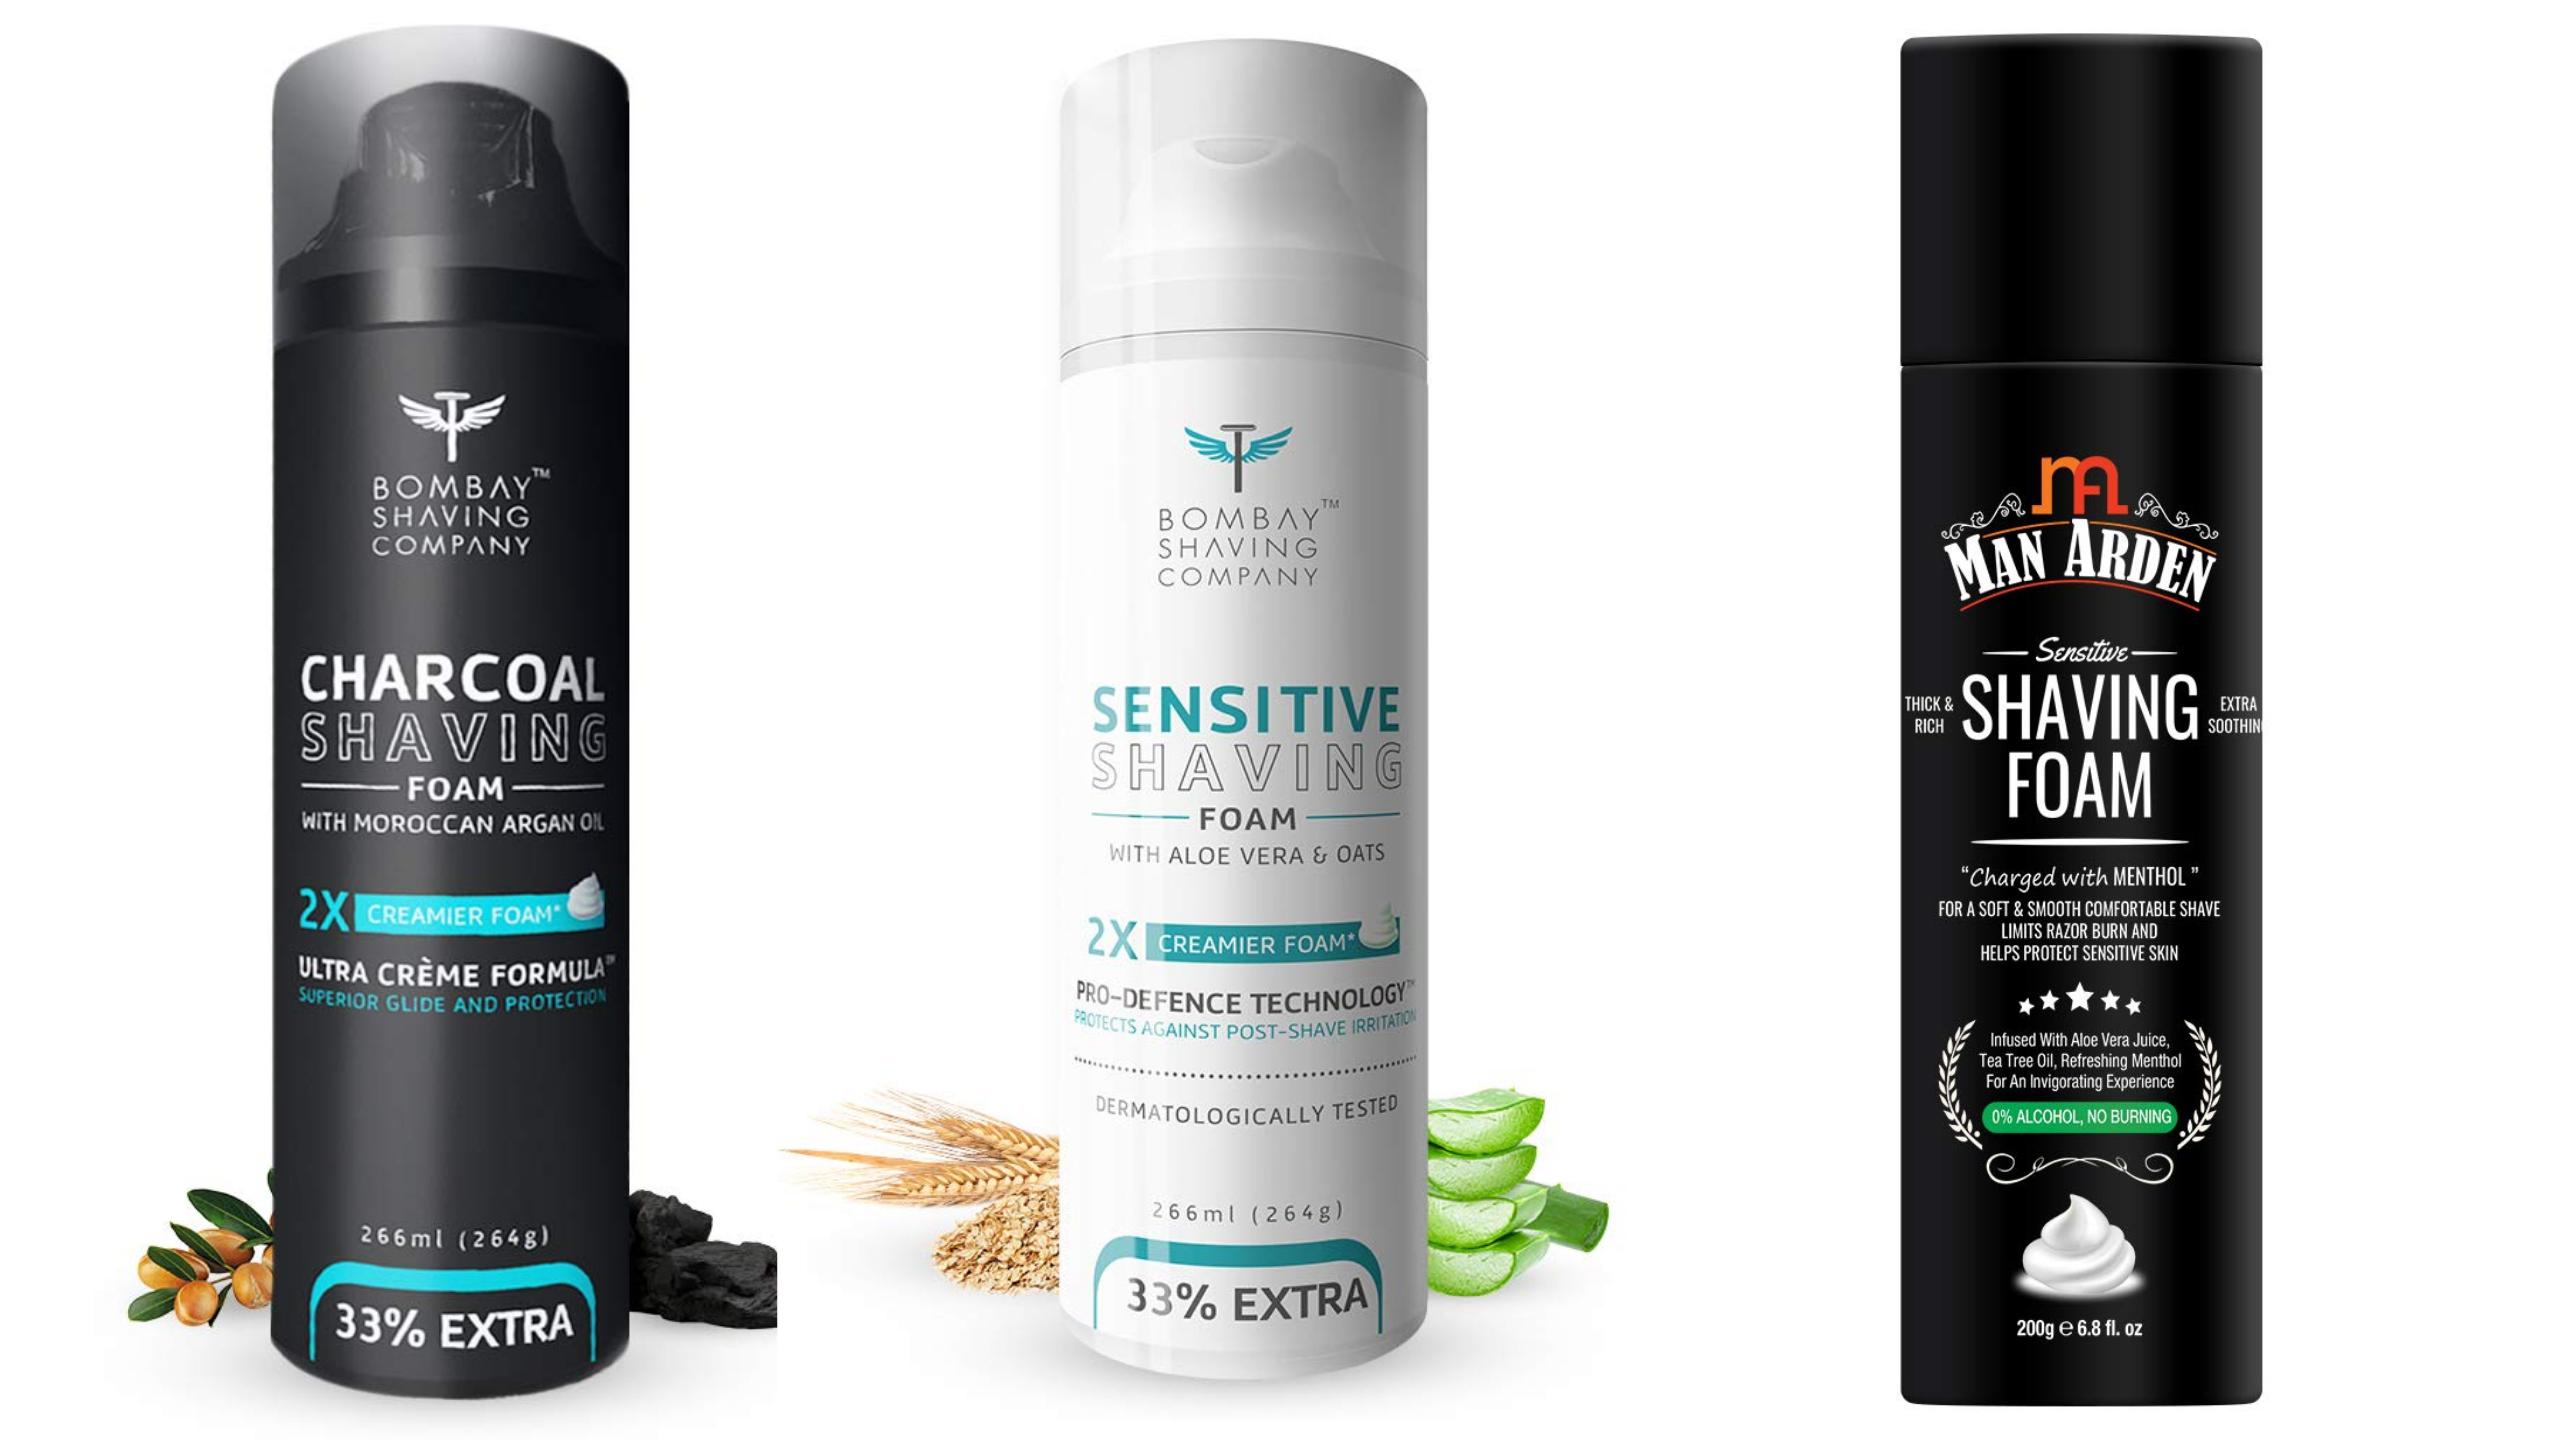 Best Shaving Foam For Sensitive Skin